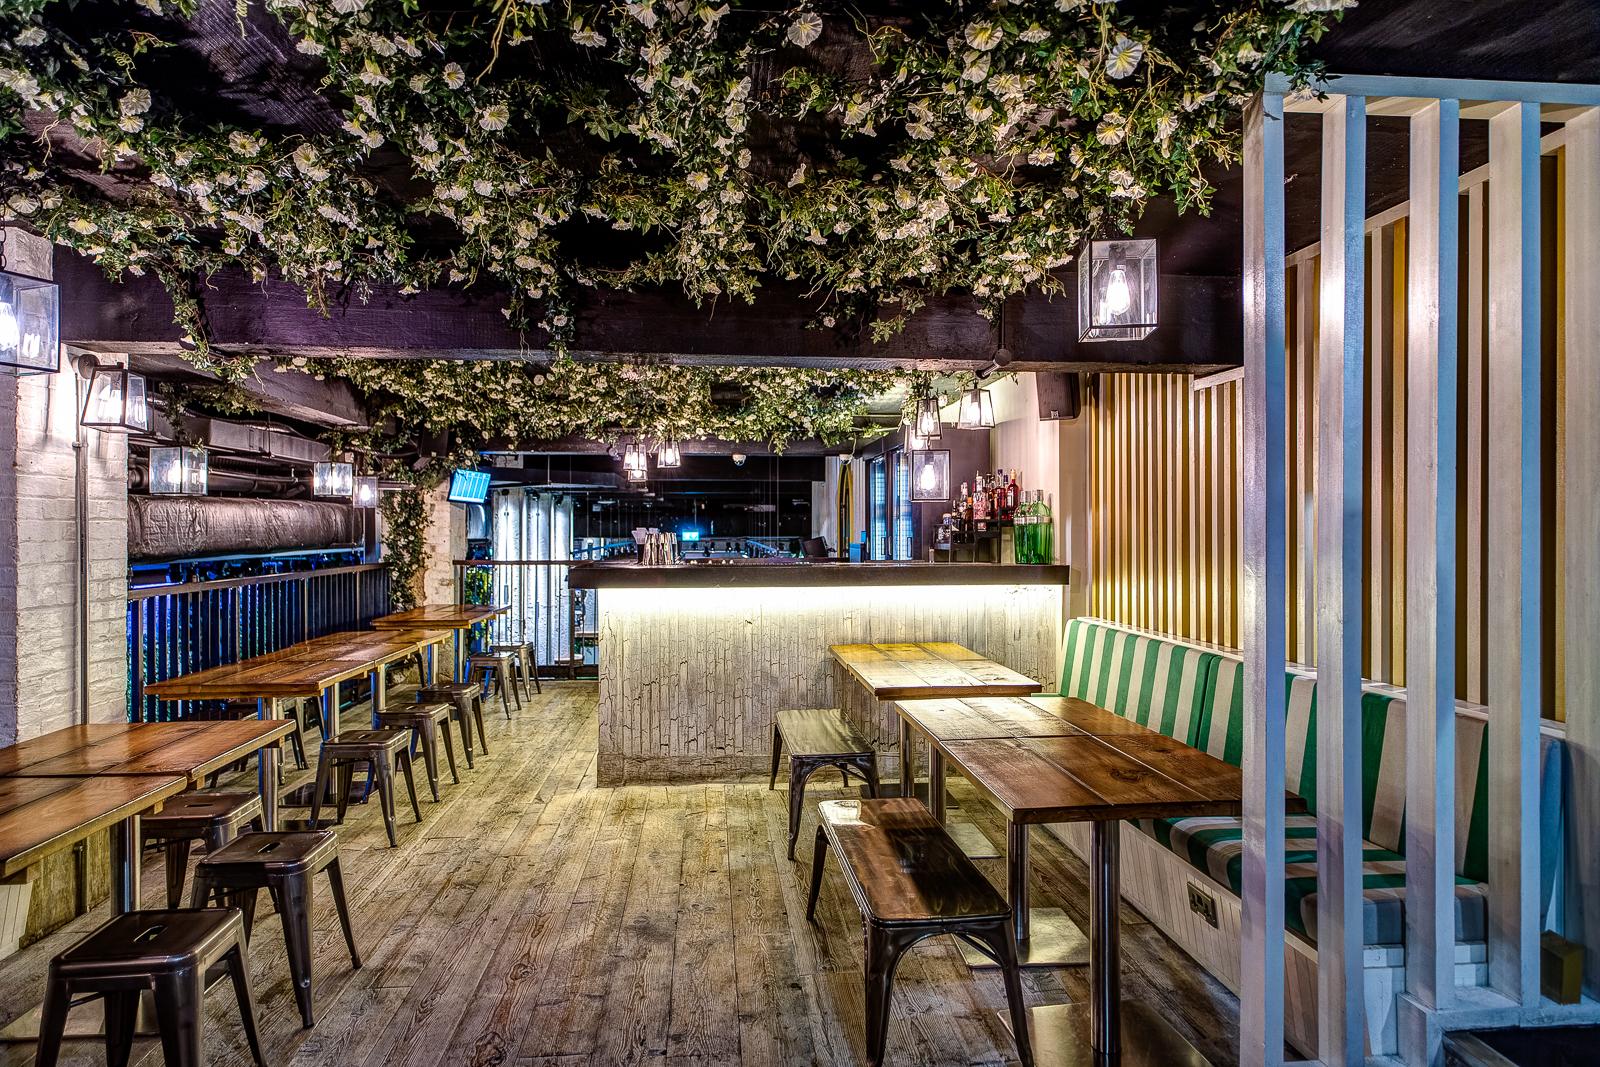 New york city swinger bars